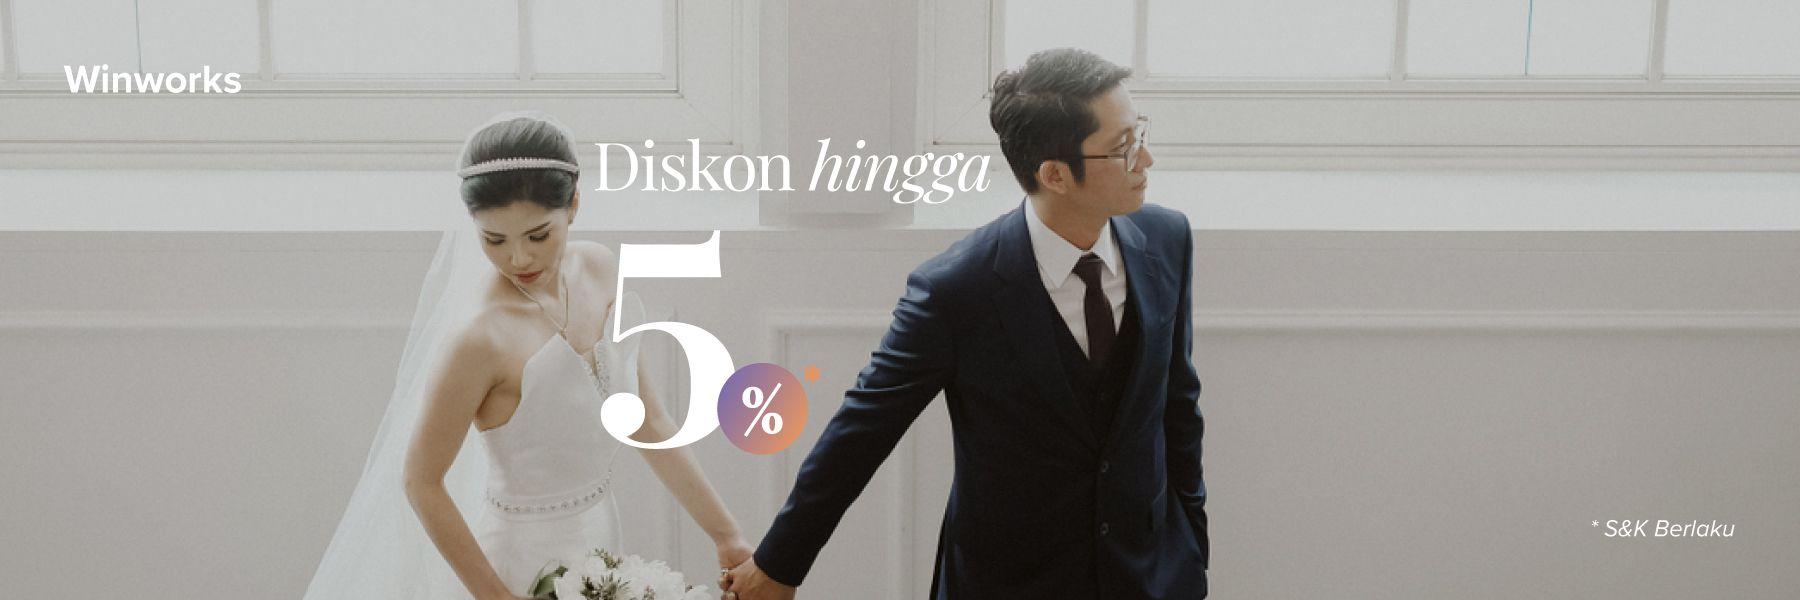 Diskon Rp 450.000 di Winworks